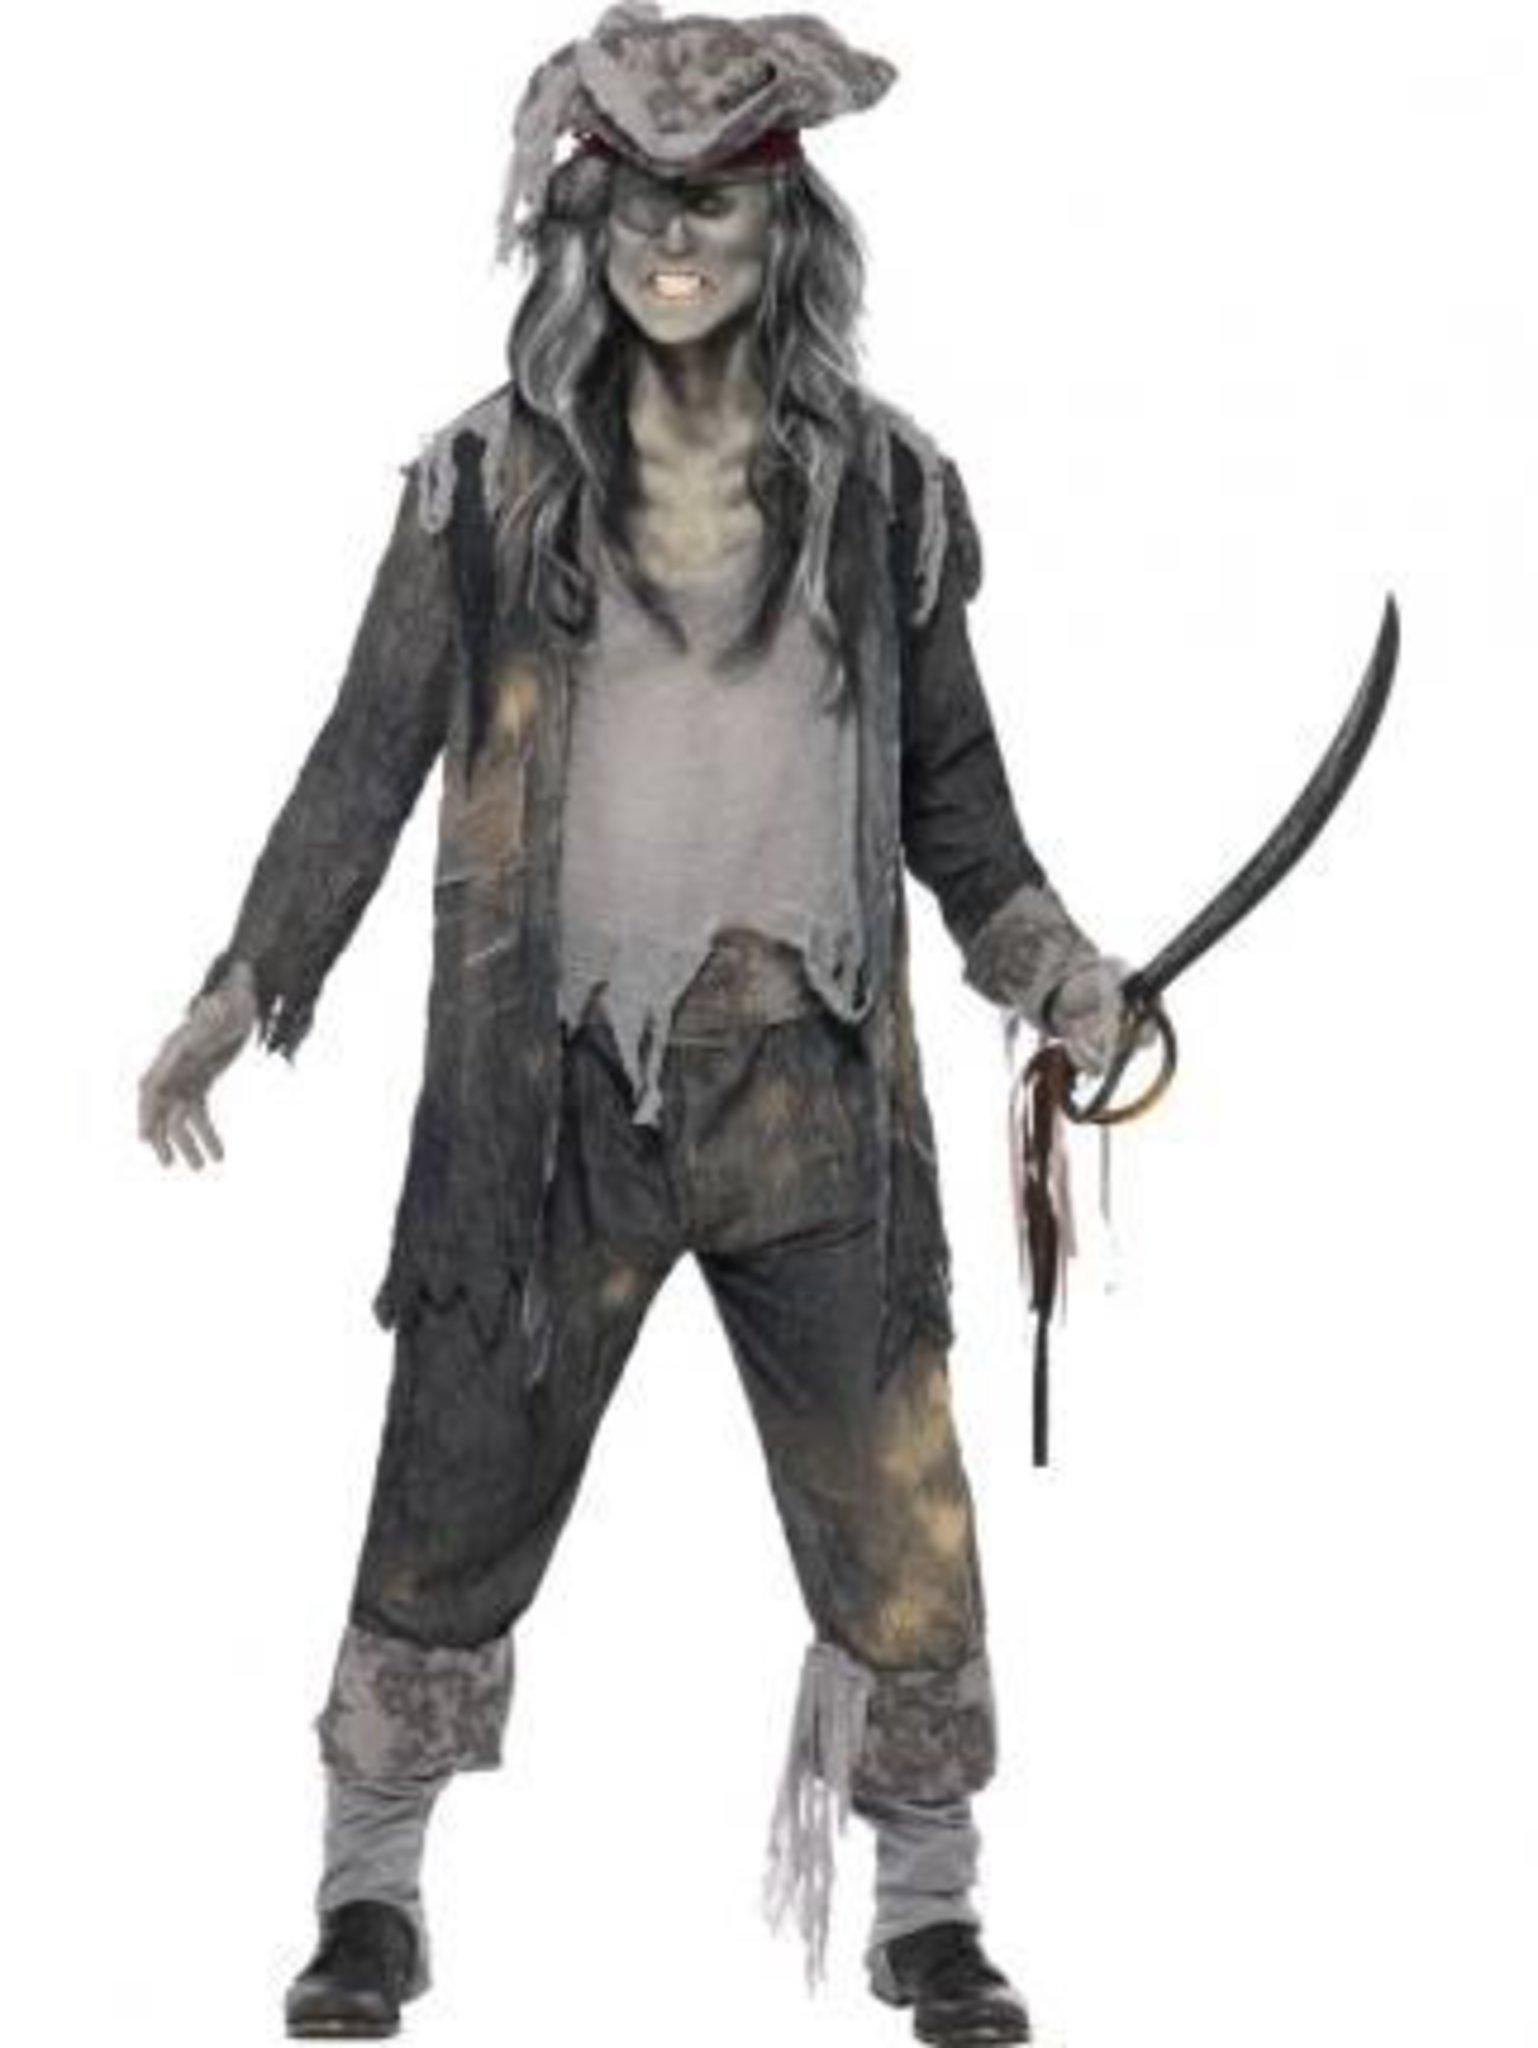 Schaurig Schone Kostumideen Fur Halloween Bochum